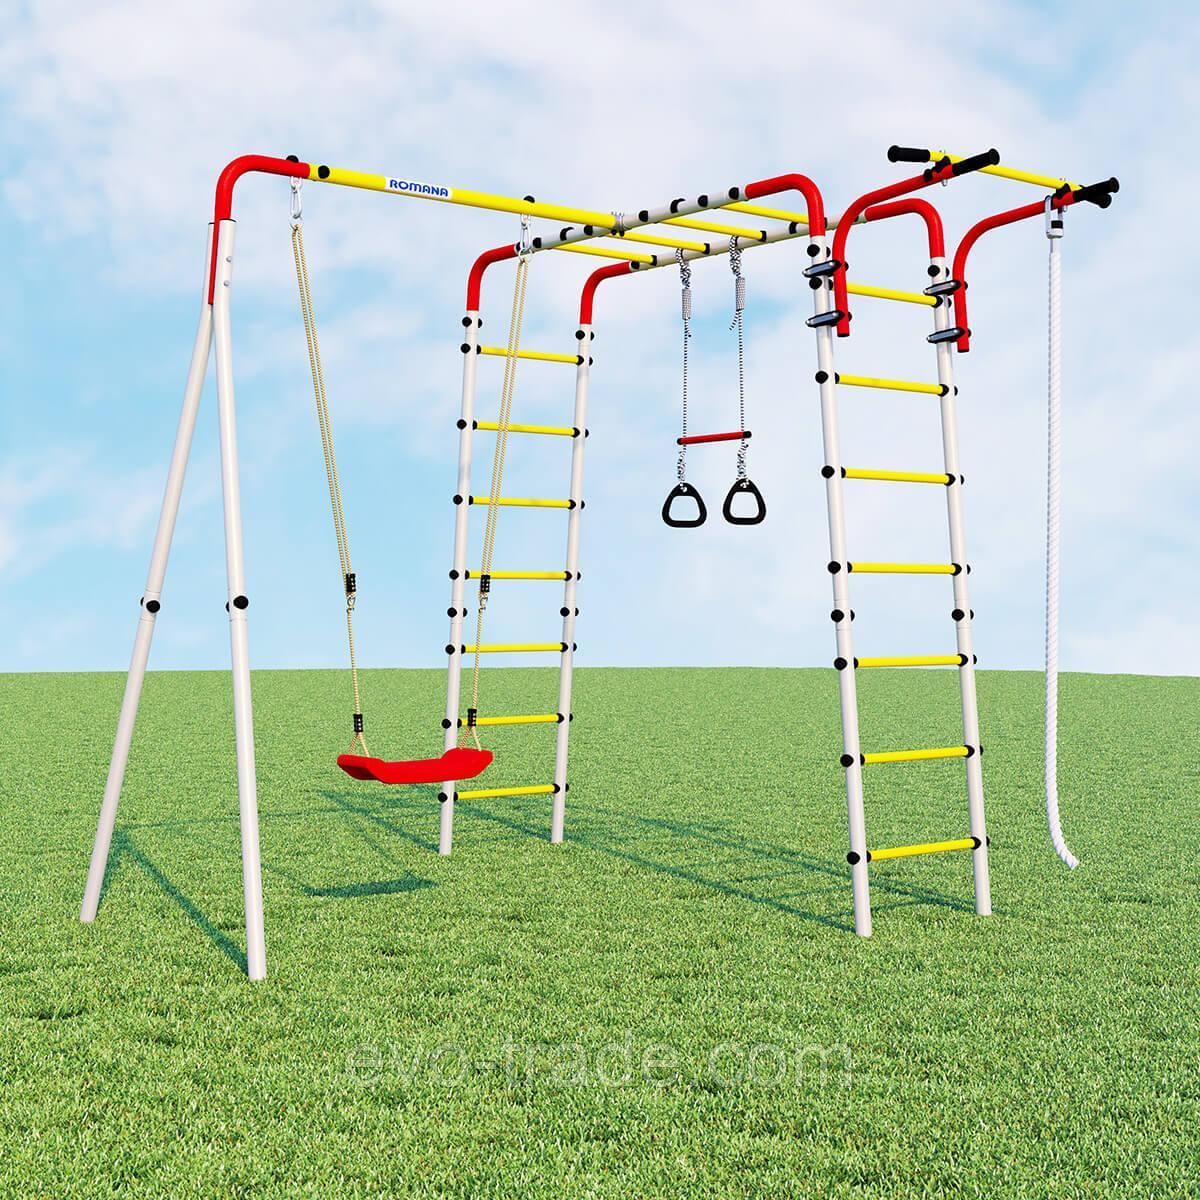 Детский спортивный комплекс Веселая лужайка - 2 ROMANA  (Качели пластиковые)